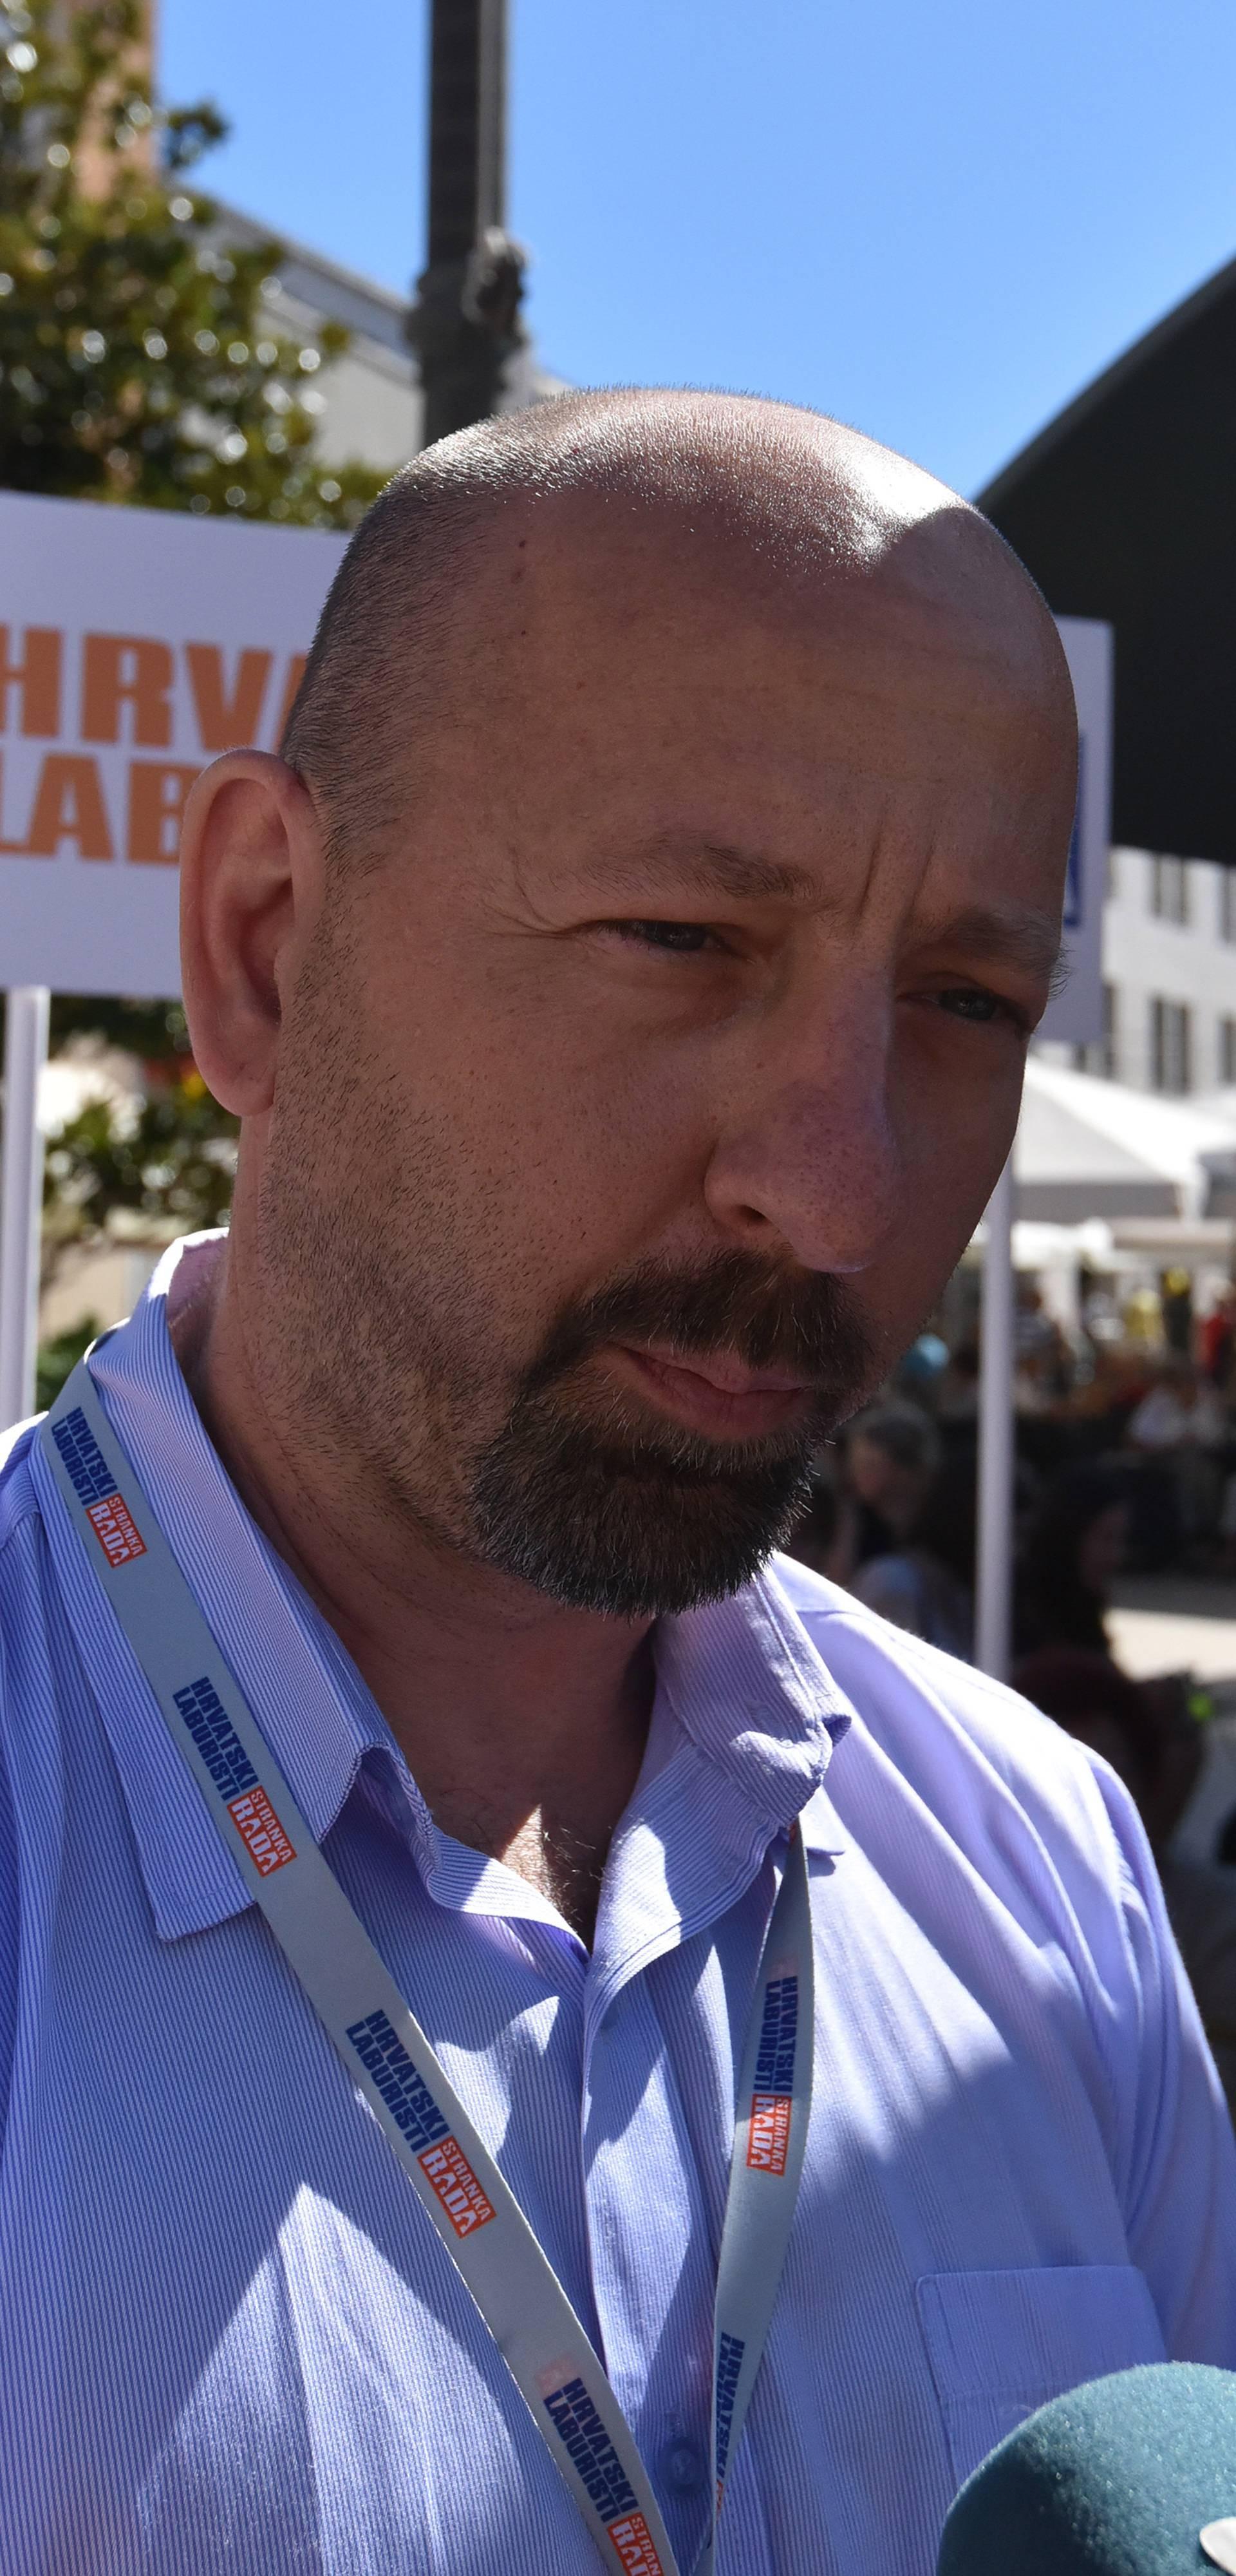 David Bregovac iz Rijeke novi predsjednik Hrvatskih laburista